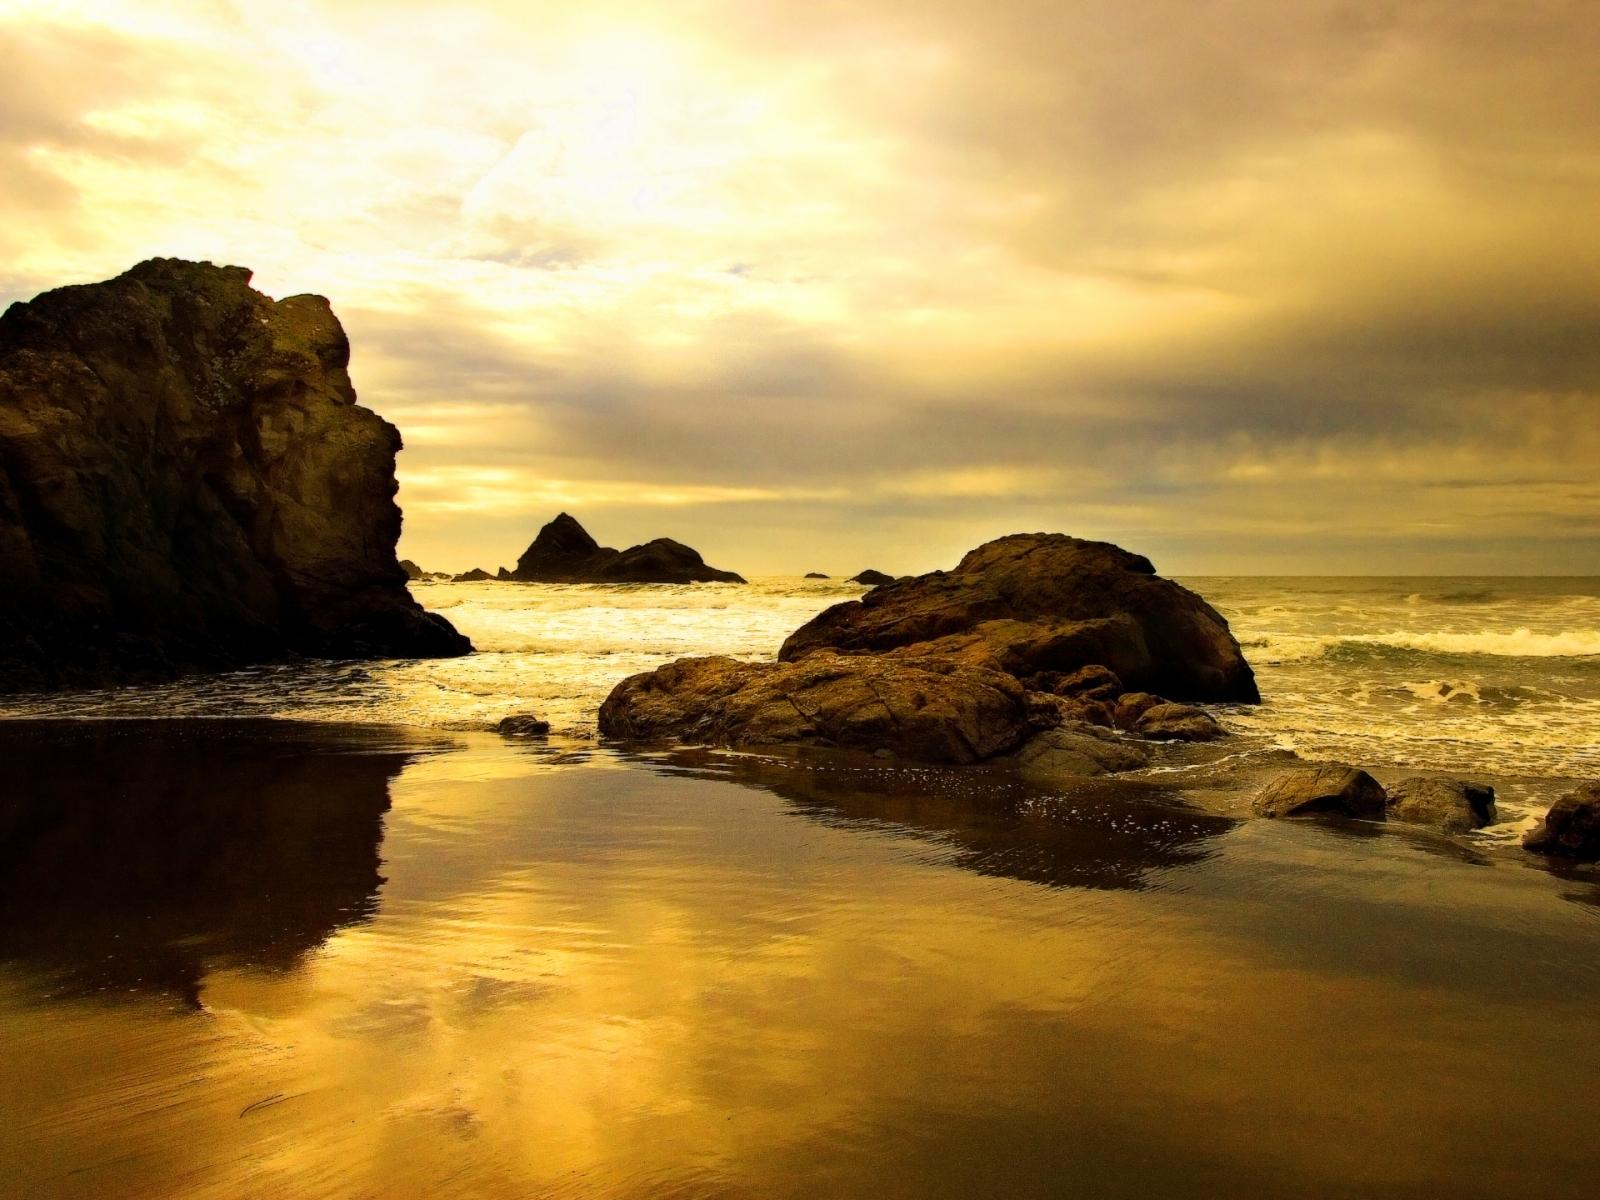 5503 скачать обои Пейзаж, Камни, Небо, Море, Пляж - заставки и картинки бесплатно